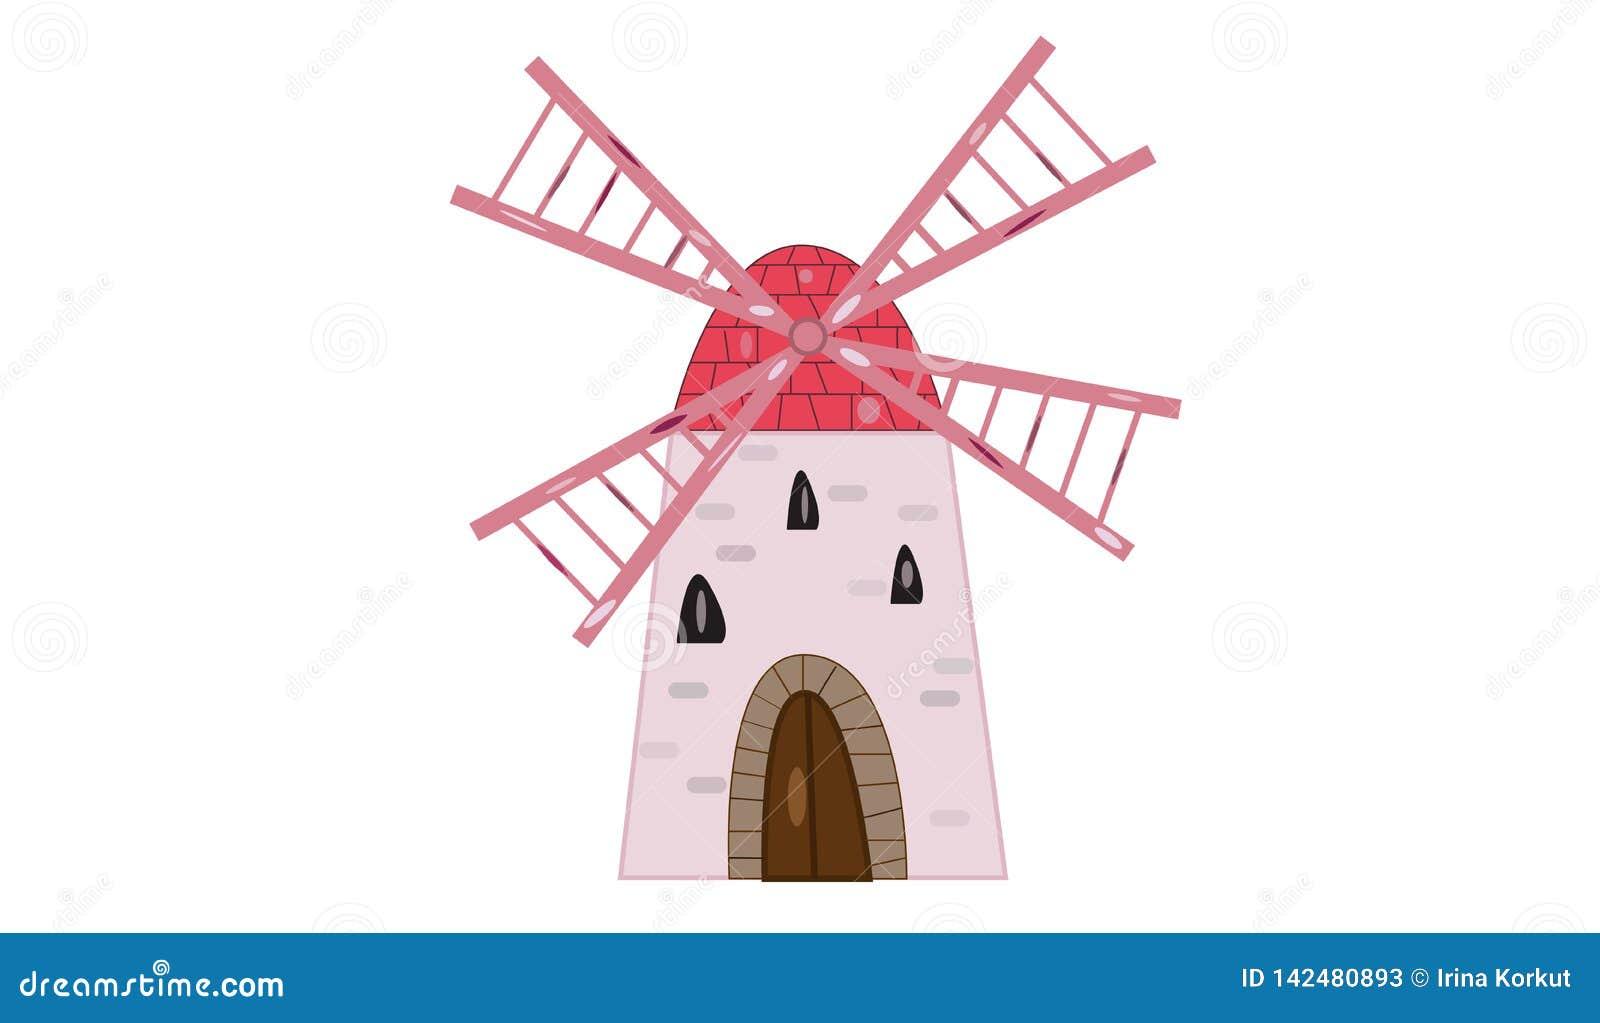 Stara wiatraczek ilustracja odizolowywał białego tło i ślicznego menchii drzwi skrzydeł i kamiennego